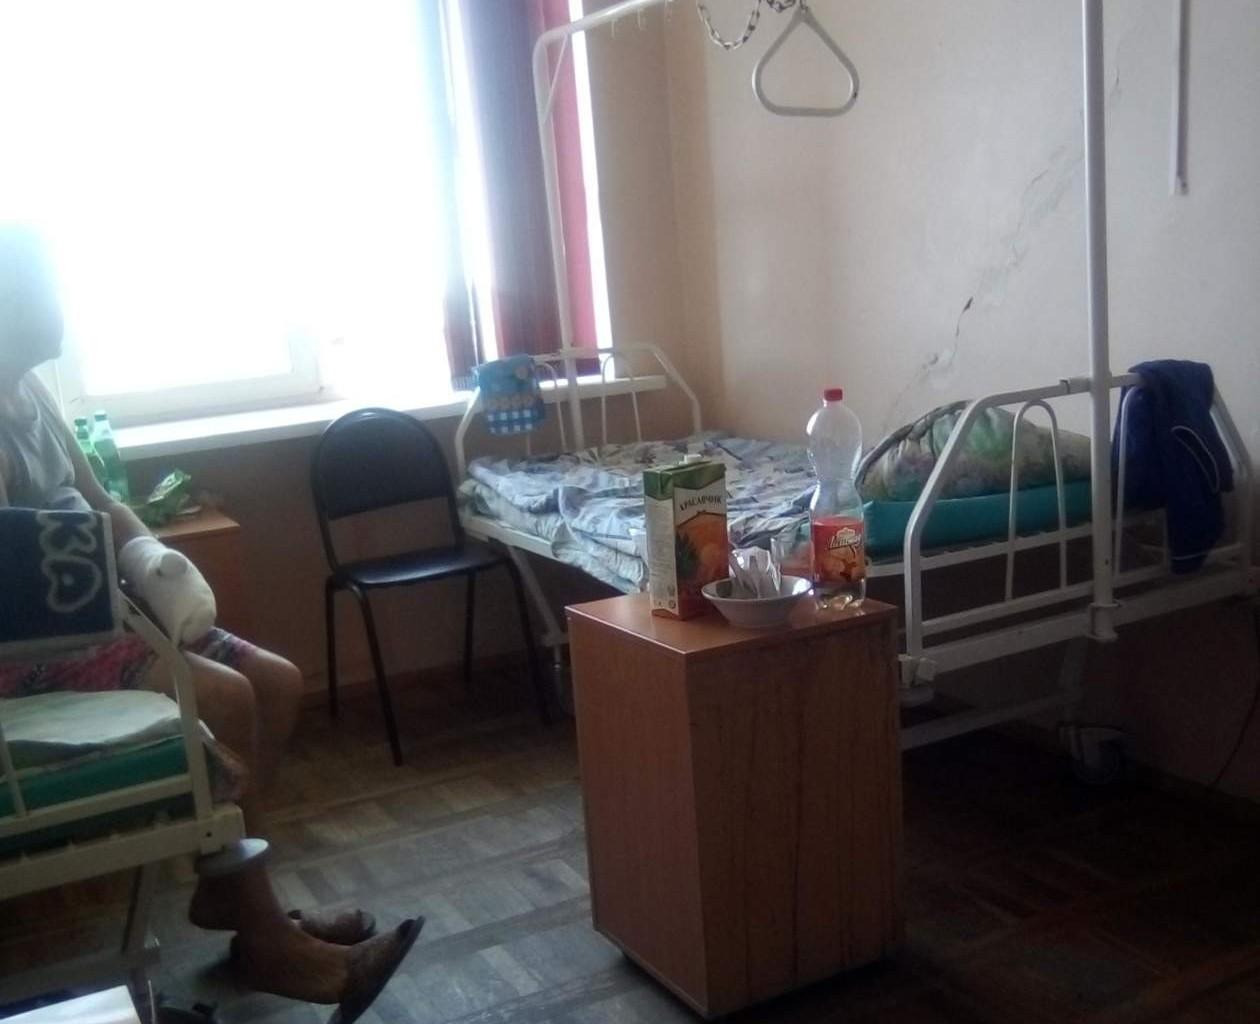 Во всех смоленских больницах проверили состояние матрасов и постельного белья